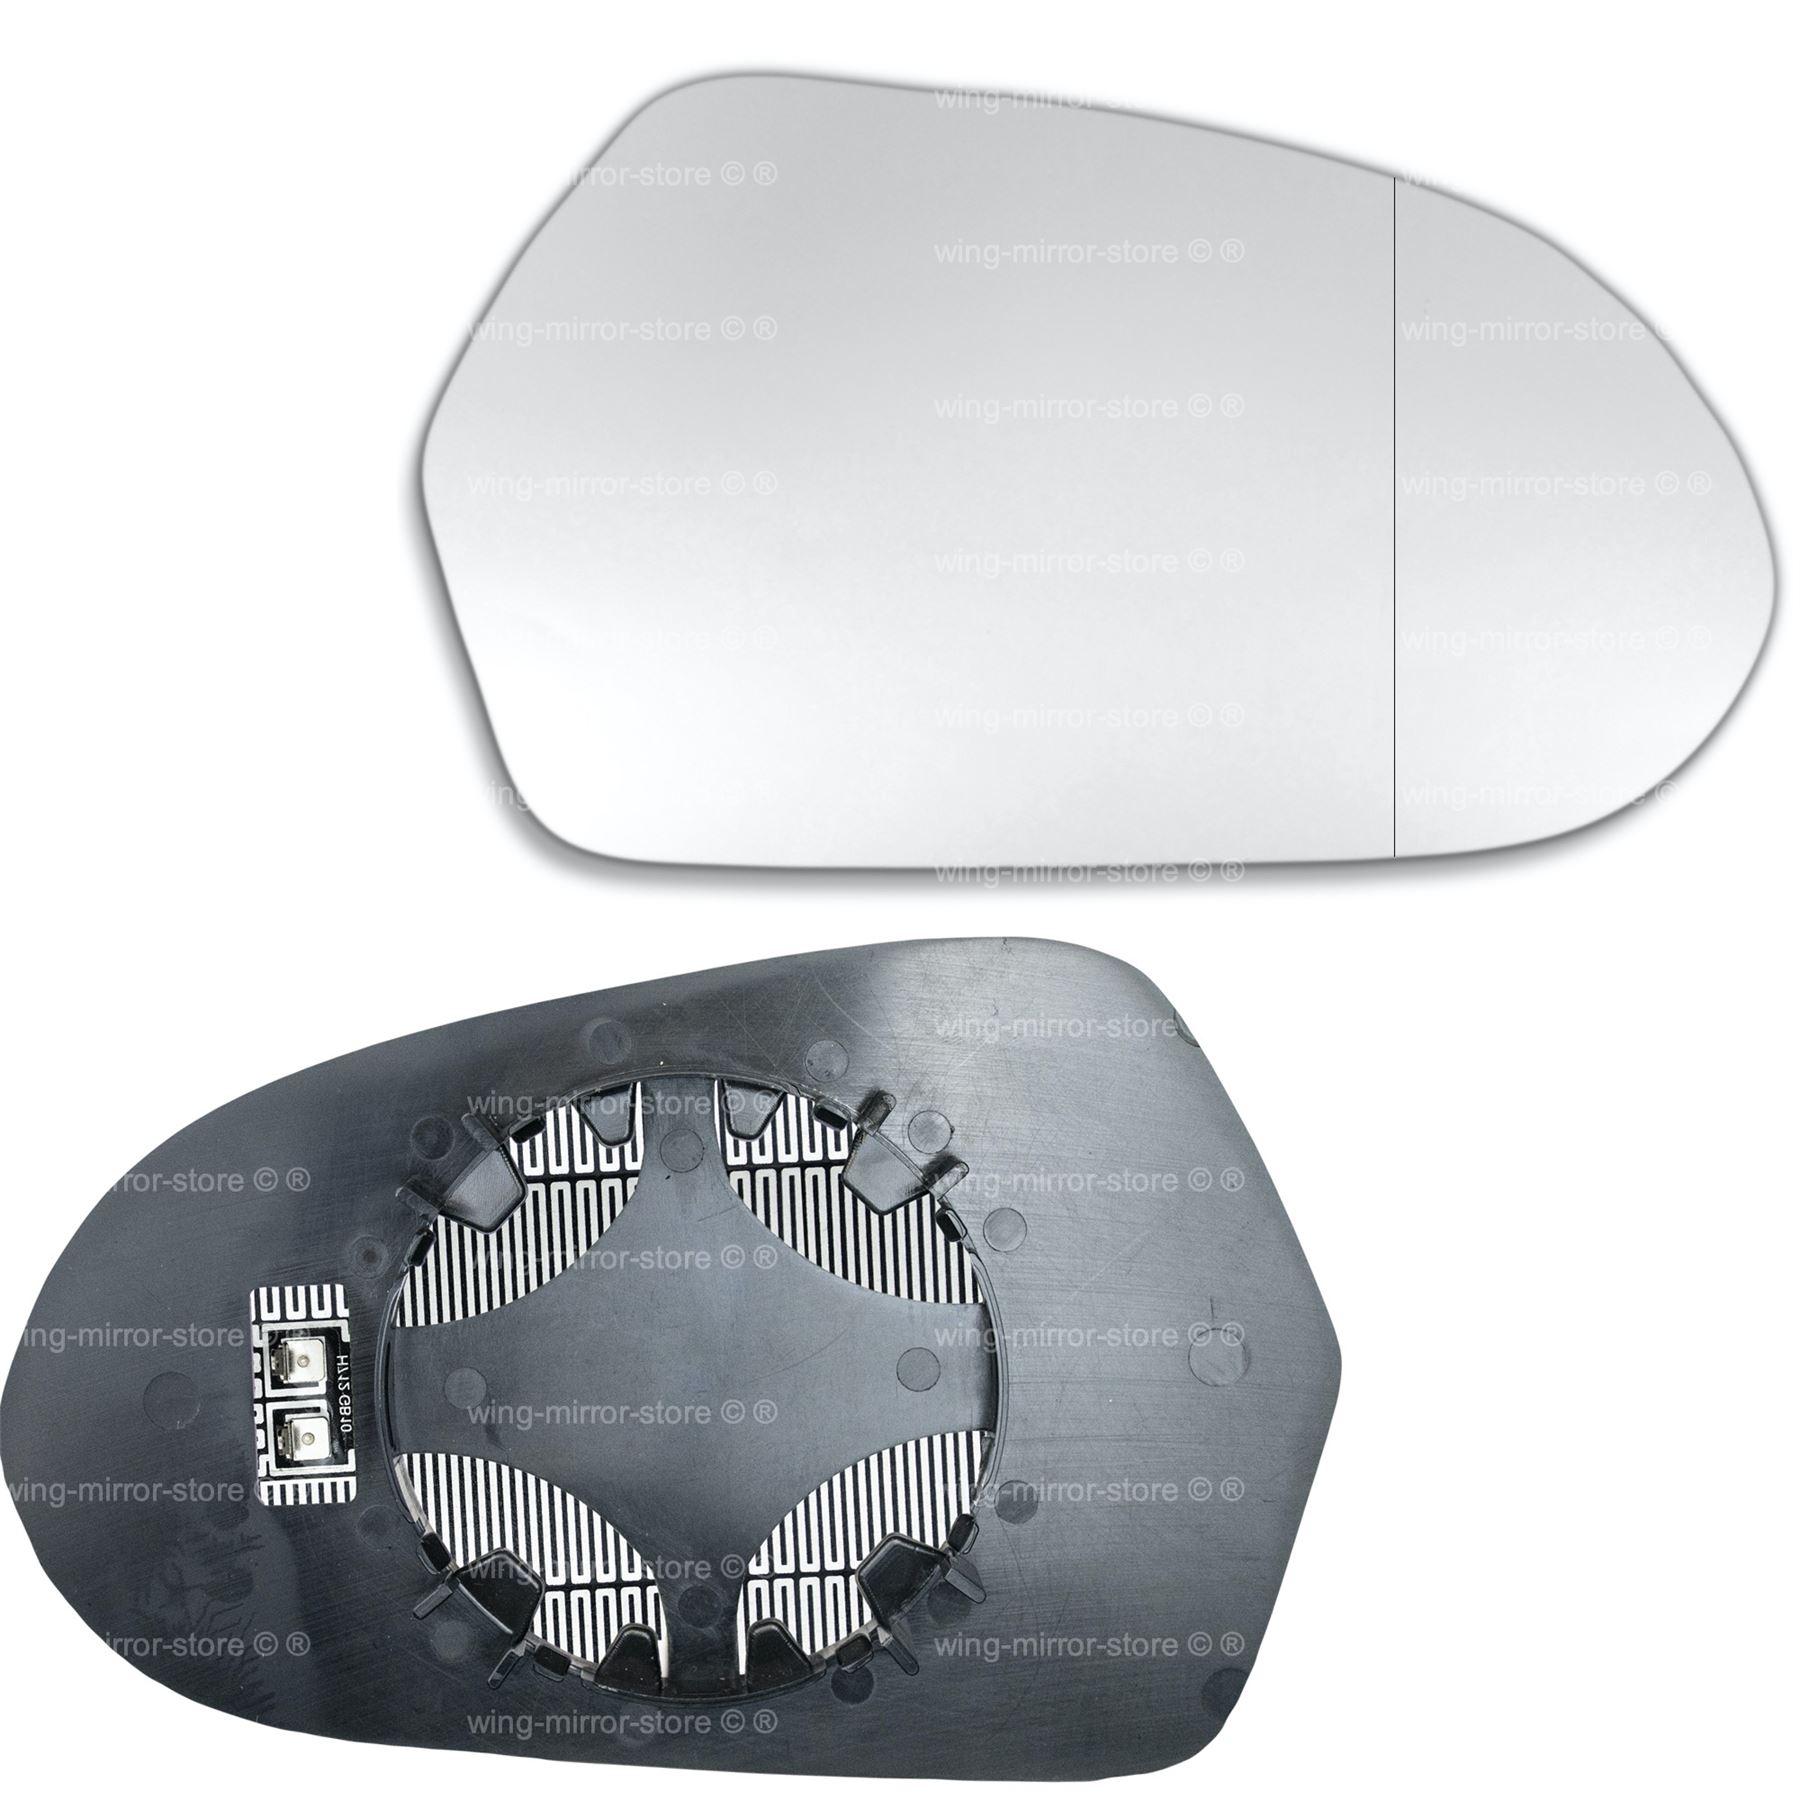 Bootsport-Teile Bootsport-Teile & Zubehör Rechts Rechte Seite für Audi A6 2011-2018 Weitwinkel Außenspiegel